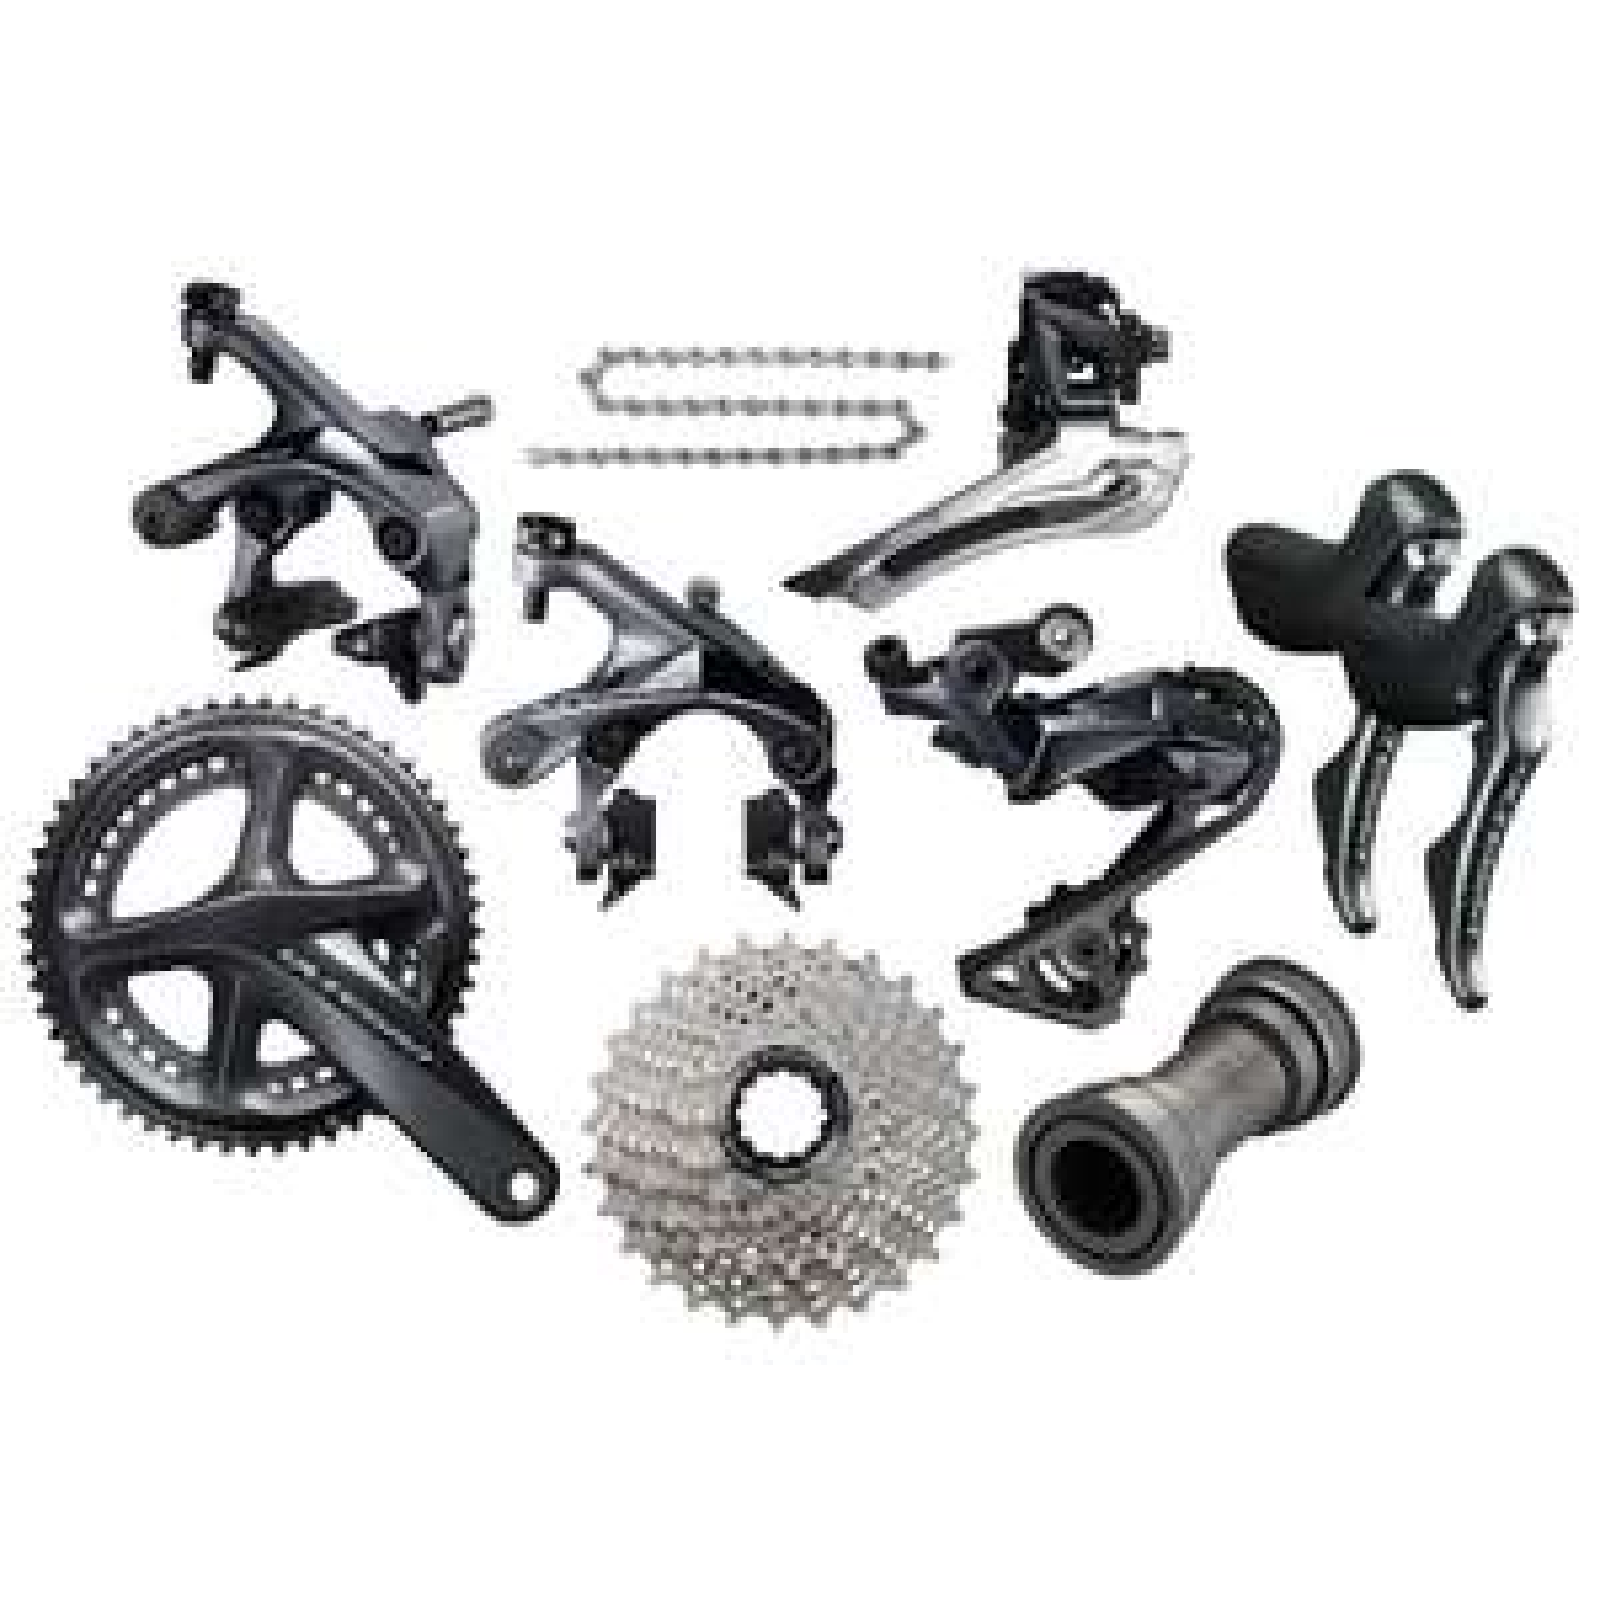 Groupe mecanique complet pour Vélo Shimano Ultegra R8000 - Frein sur jante